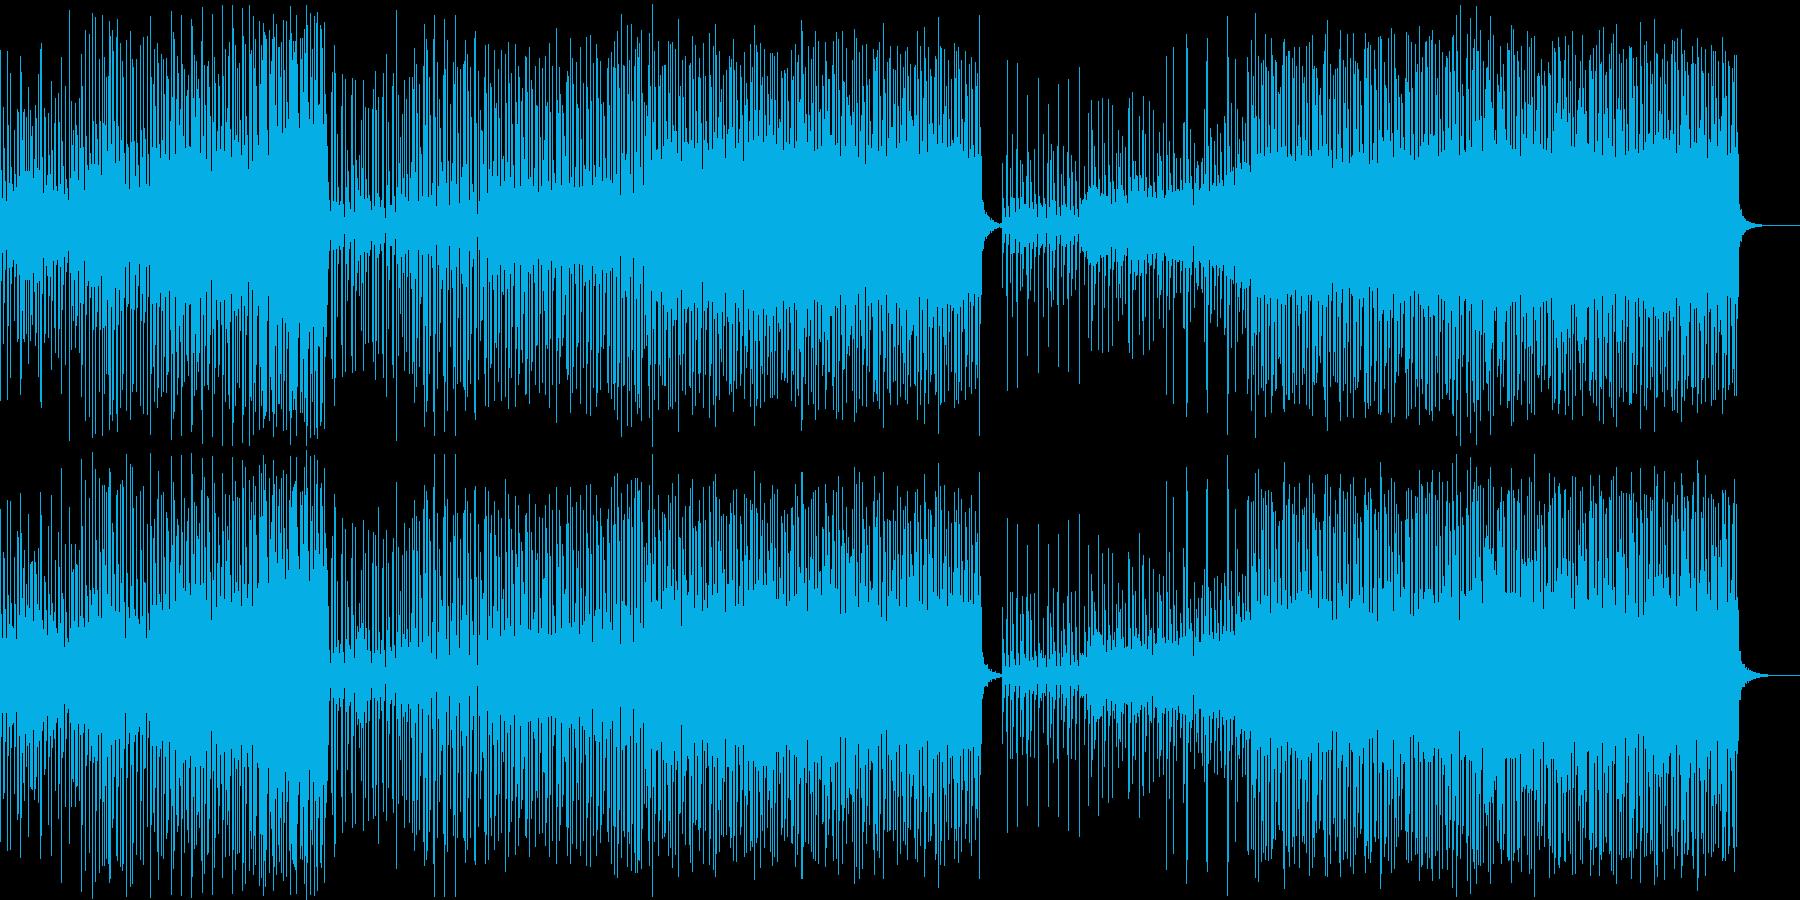 モダンで和風なトロピカルハウスの再生済みの波形